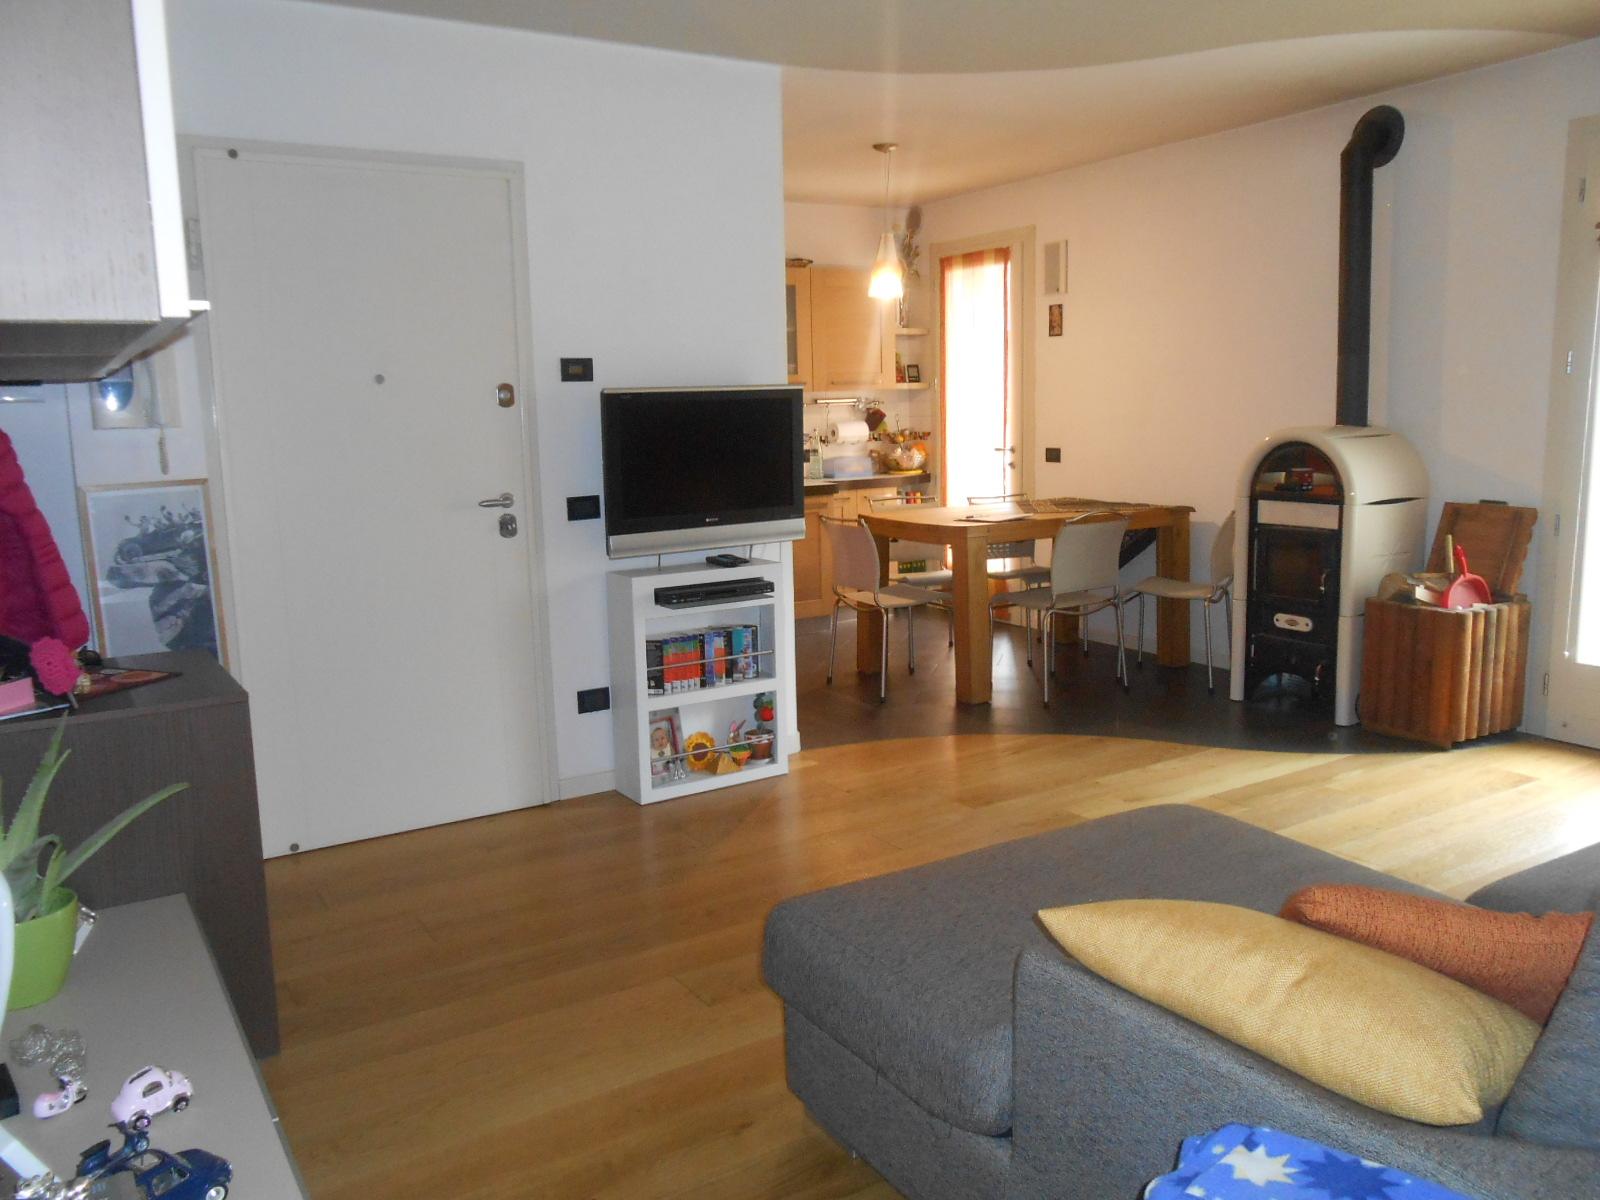 Appartamento in vendita a Vazzola, 5 locali, zona Località: TezzediPiave, prezzo € 142.000 | Cambio Casa.it